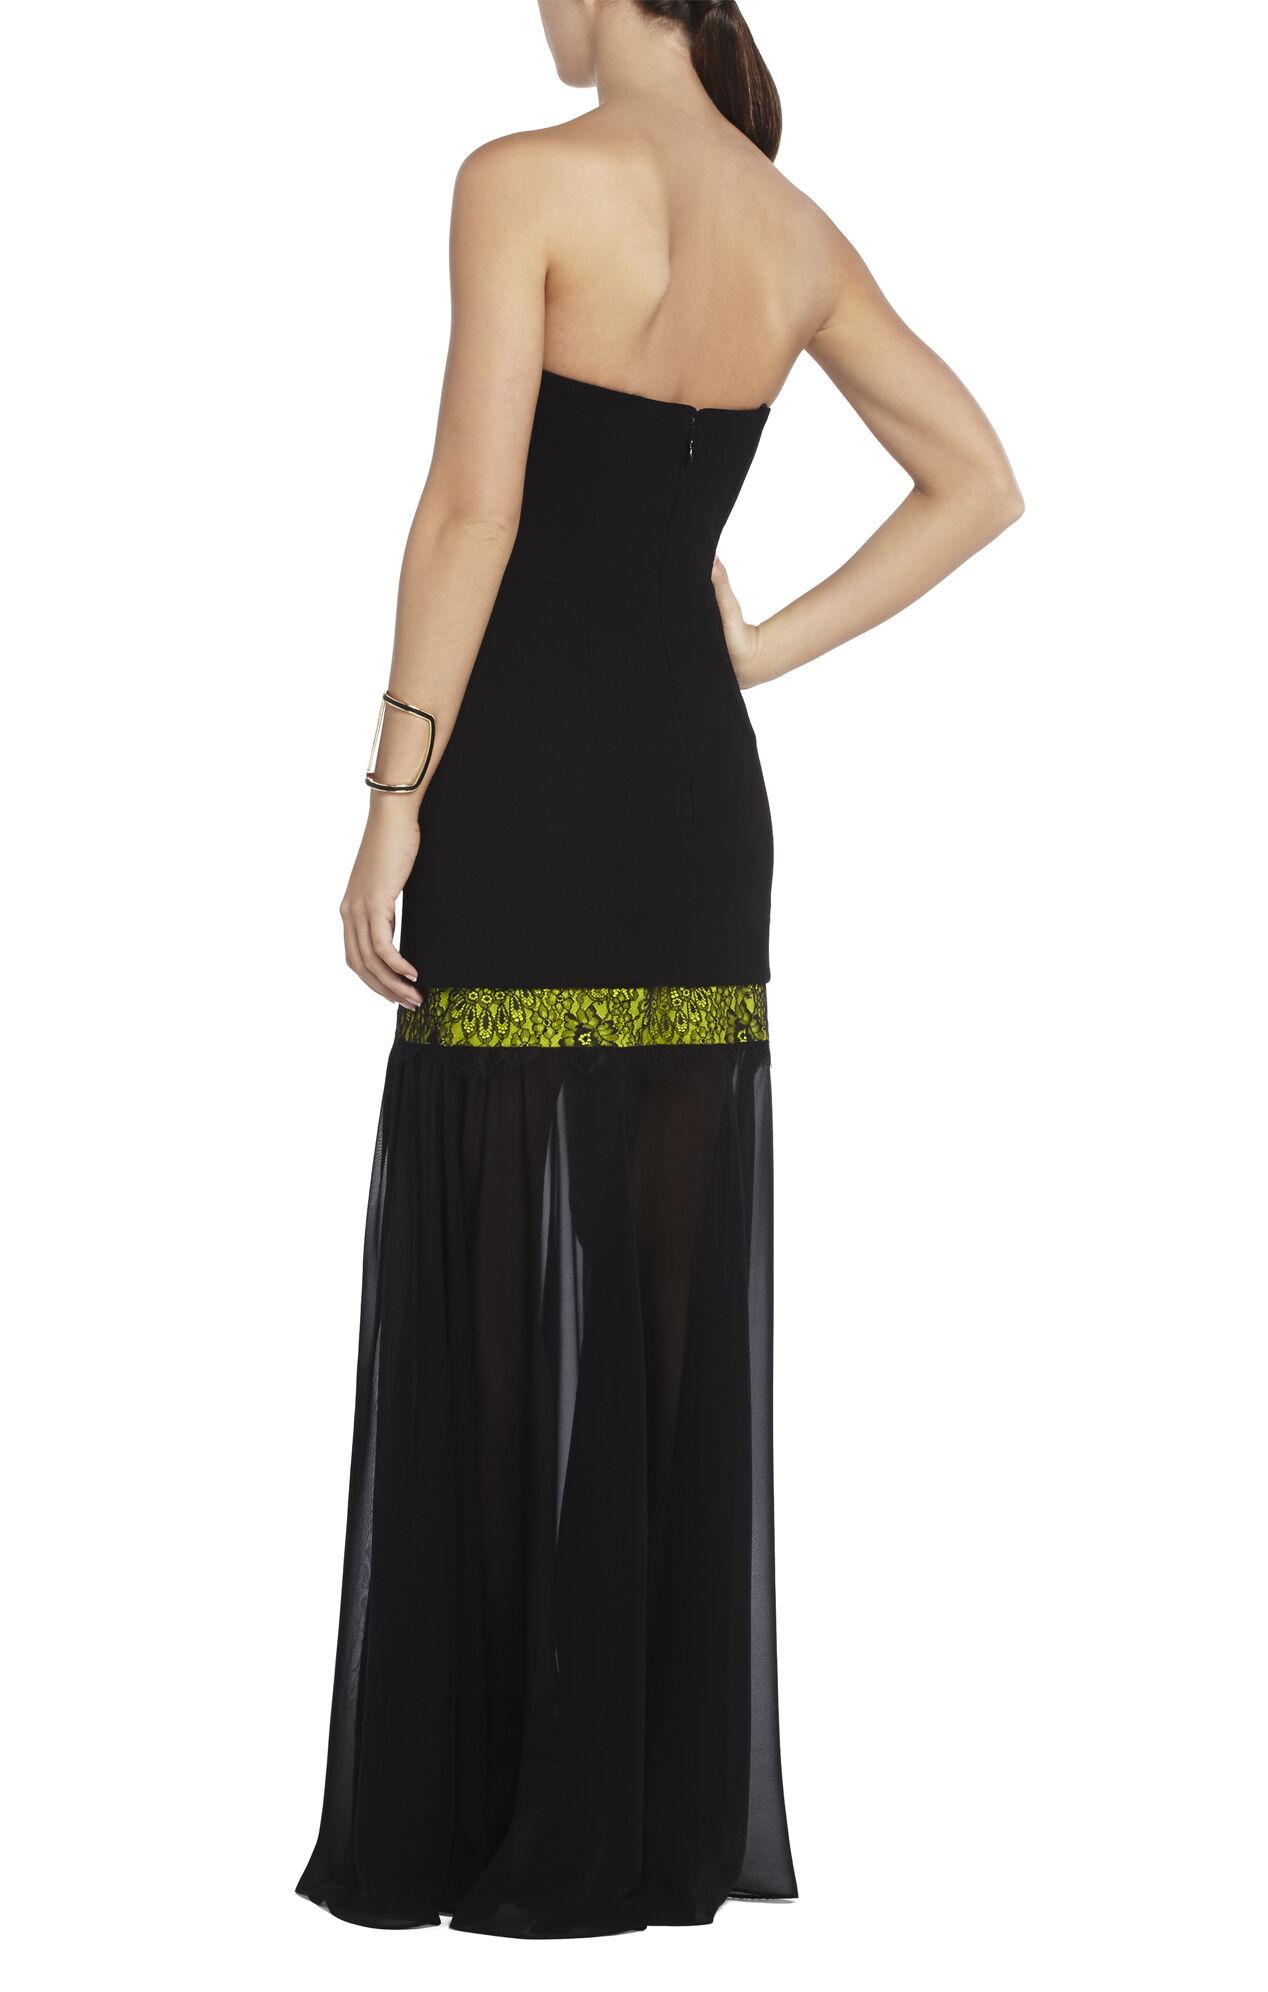 Jamysen Strapless Gown